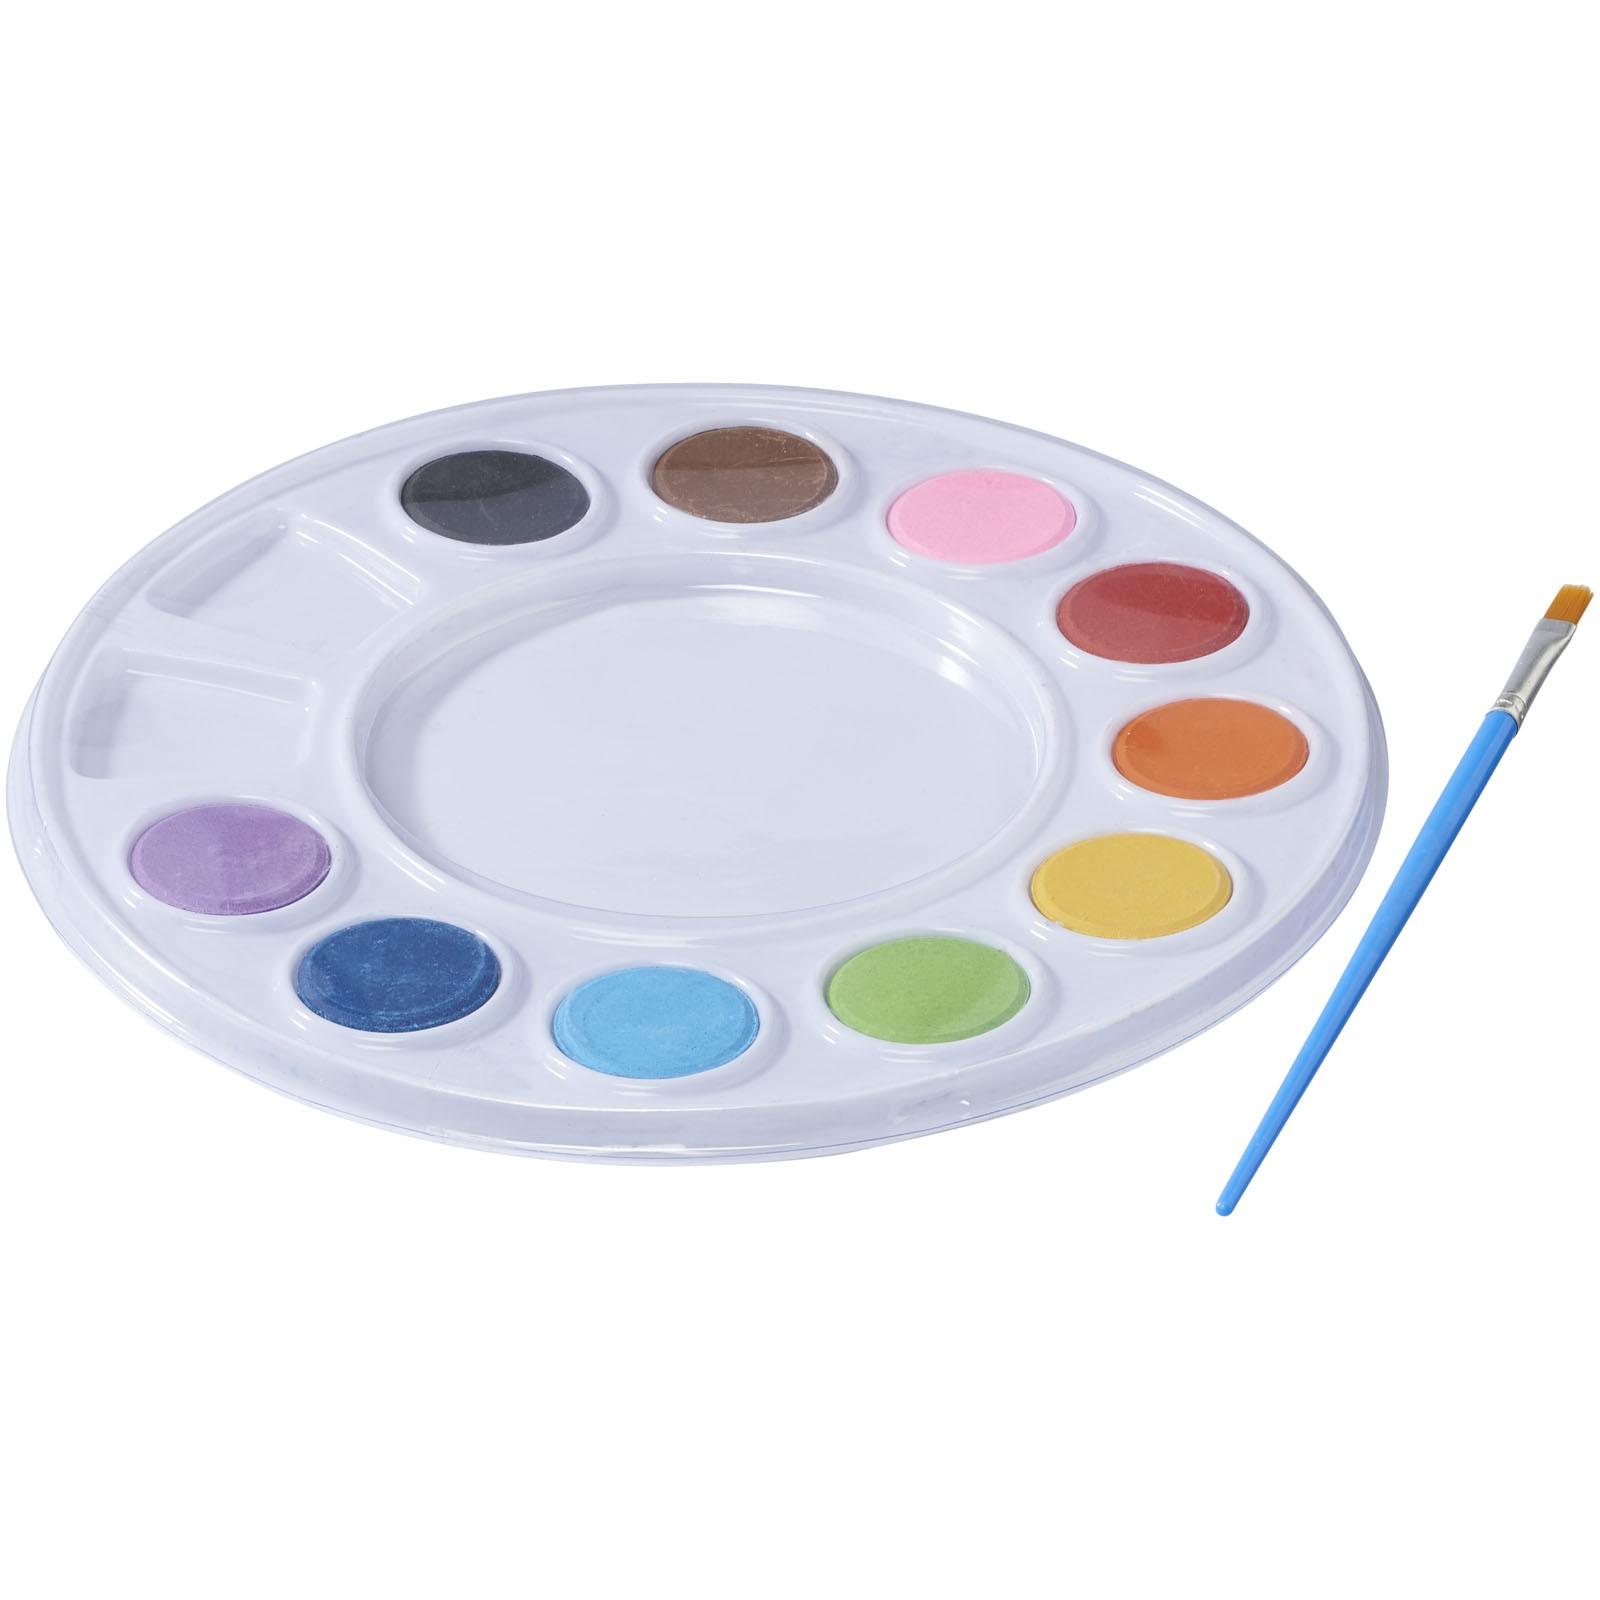 Komplet vodenih barvic Splash